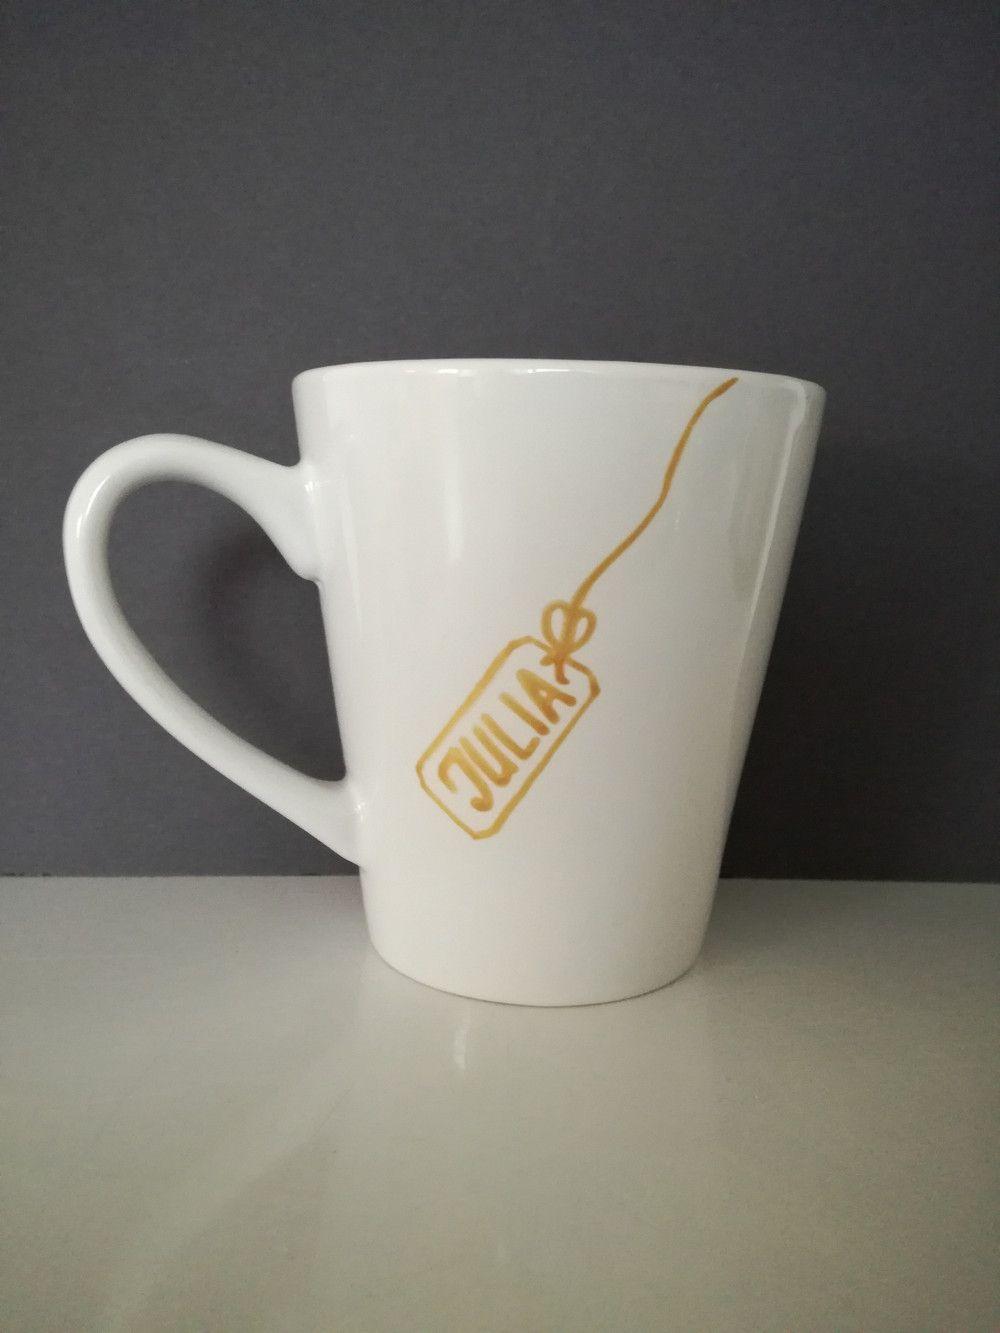 Tasse Tassen Namenstasse Geburtstagsgeschenk Namen Mit Becheramp; Fc1lJT3K